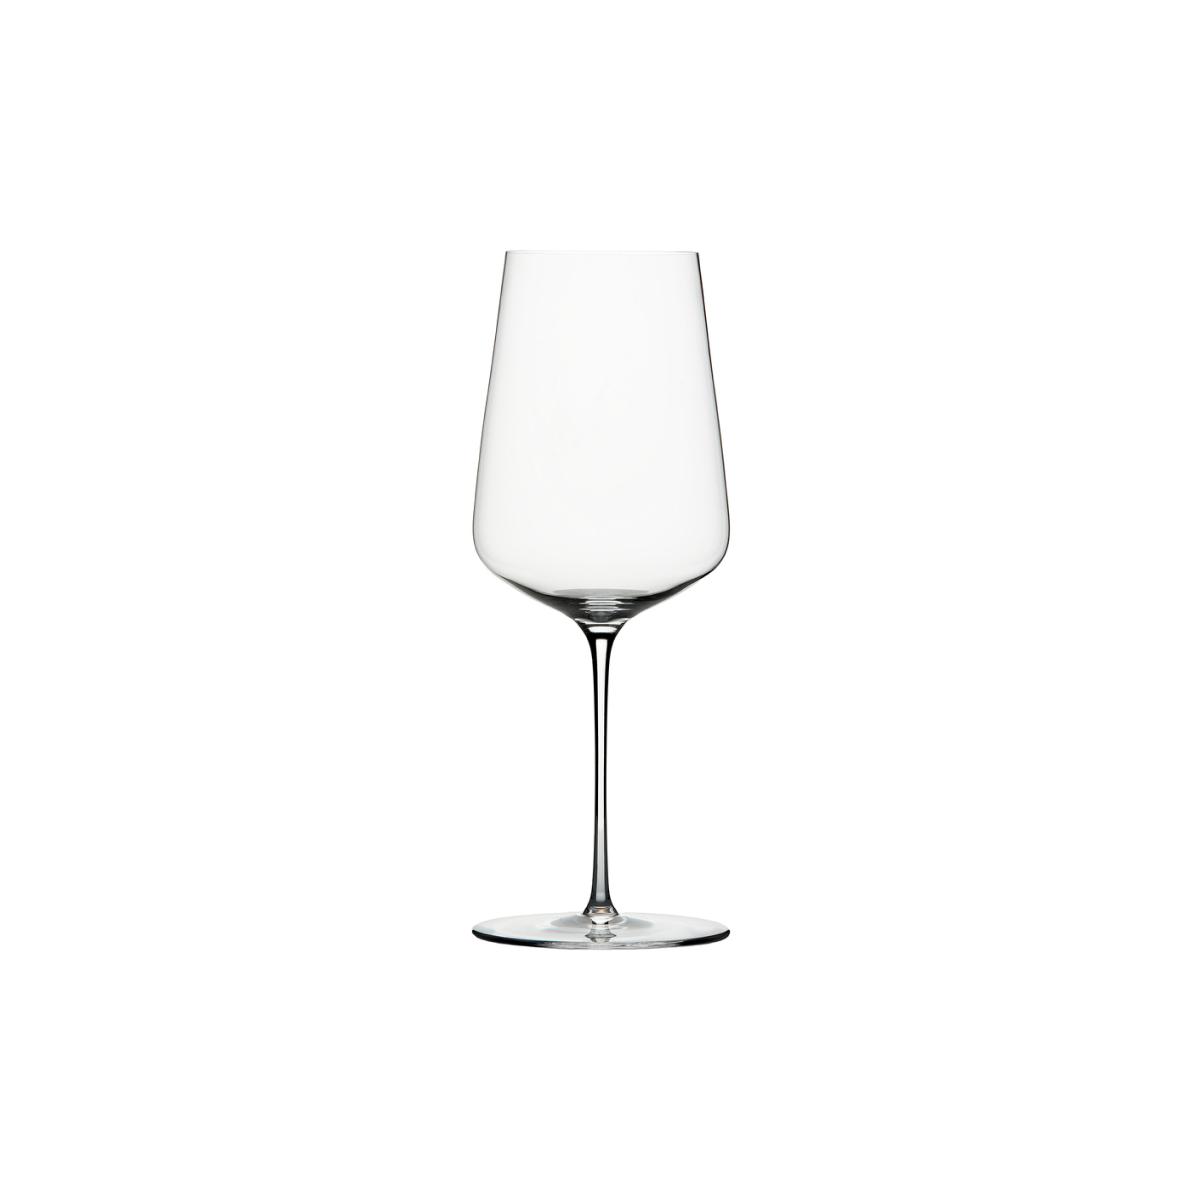 Zalto HAND-BLOWN WHITE WINE GLASS